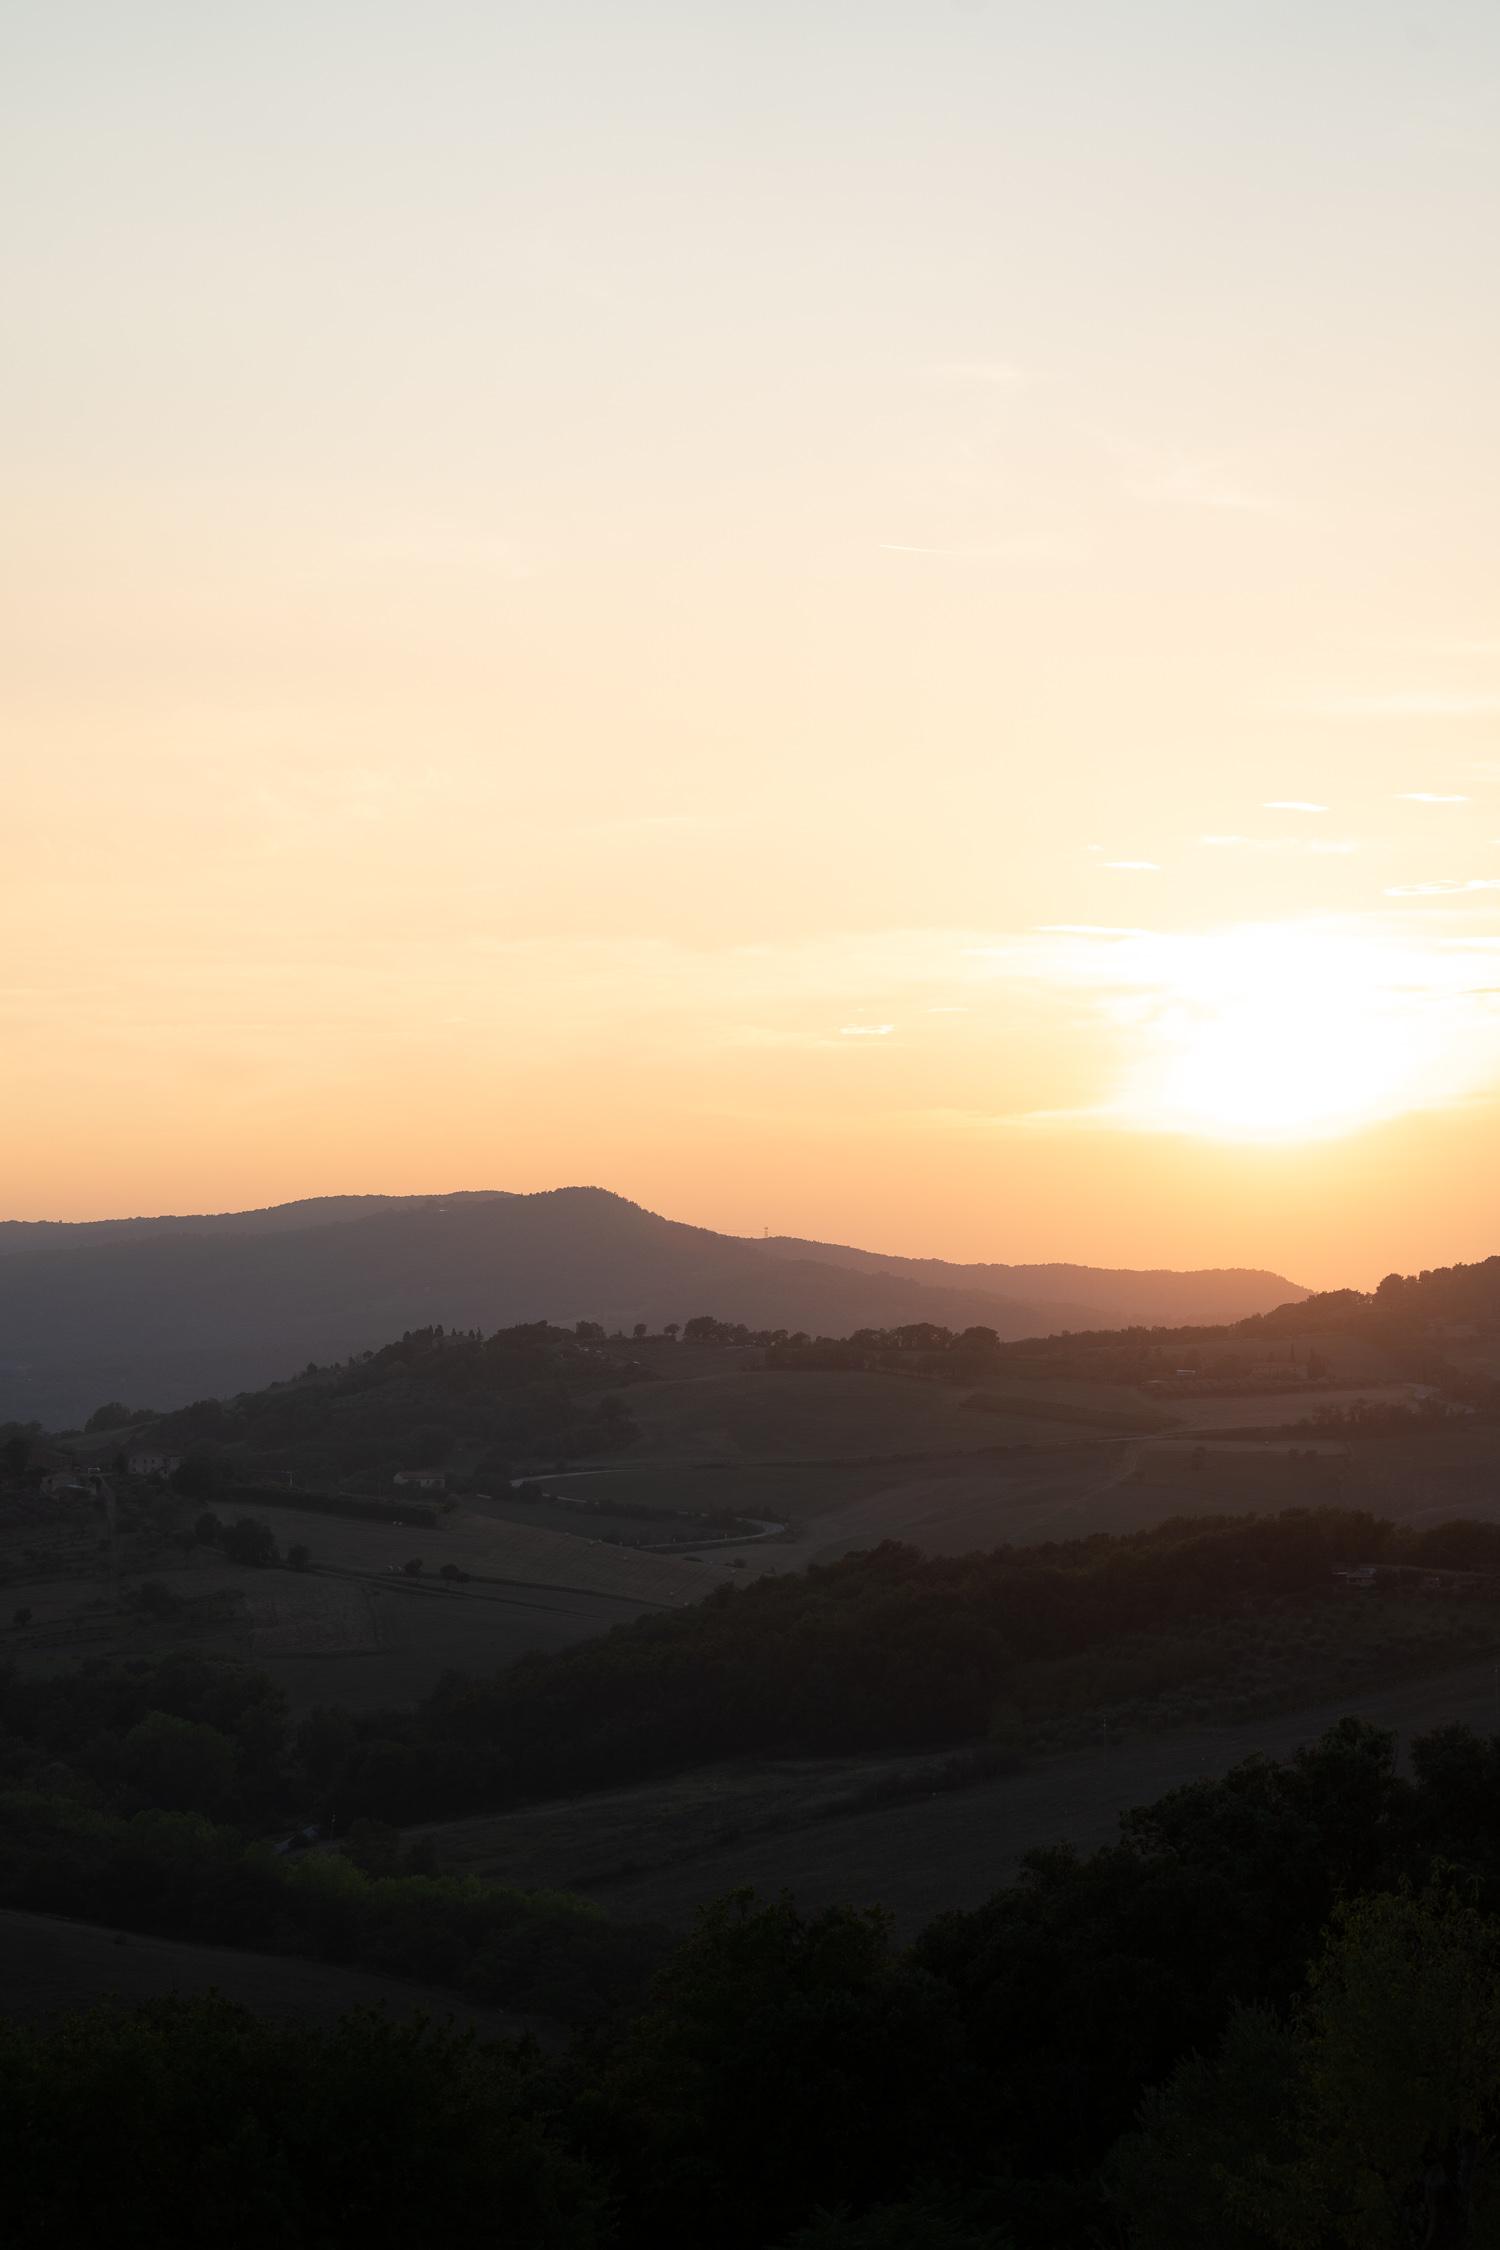 Tuscany-landscape-at-sunset-01890.jpg